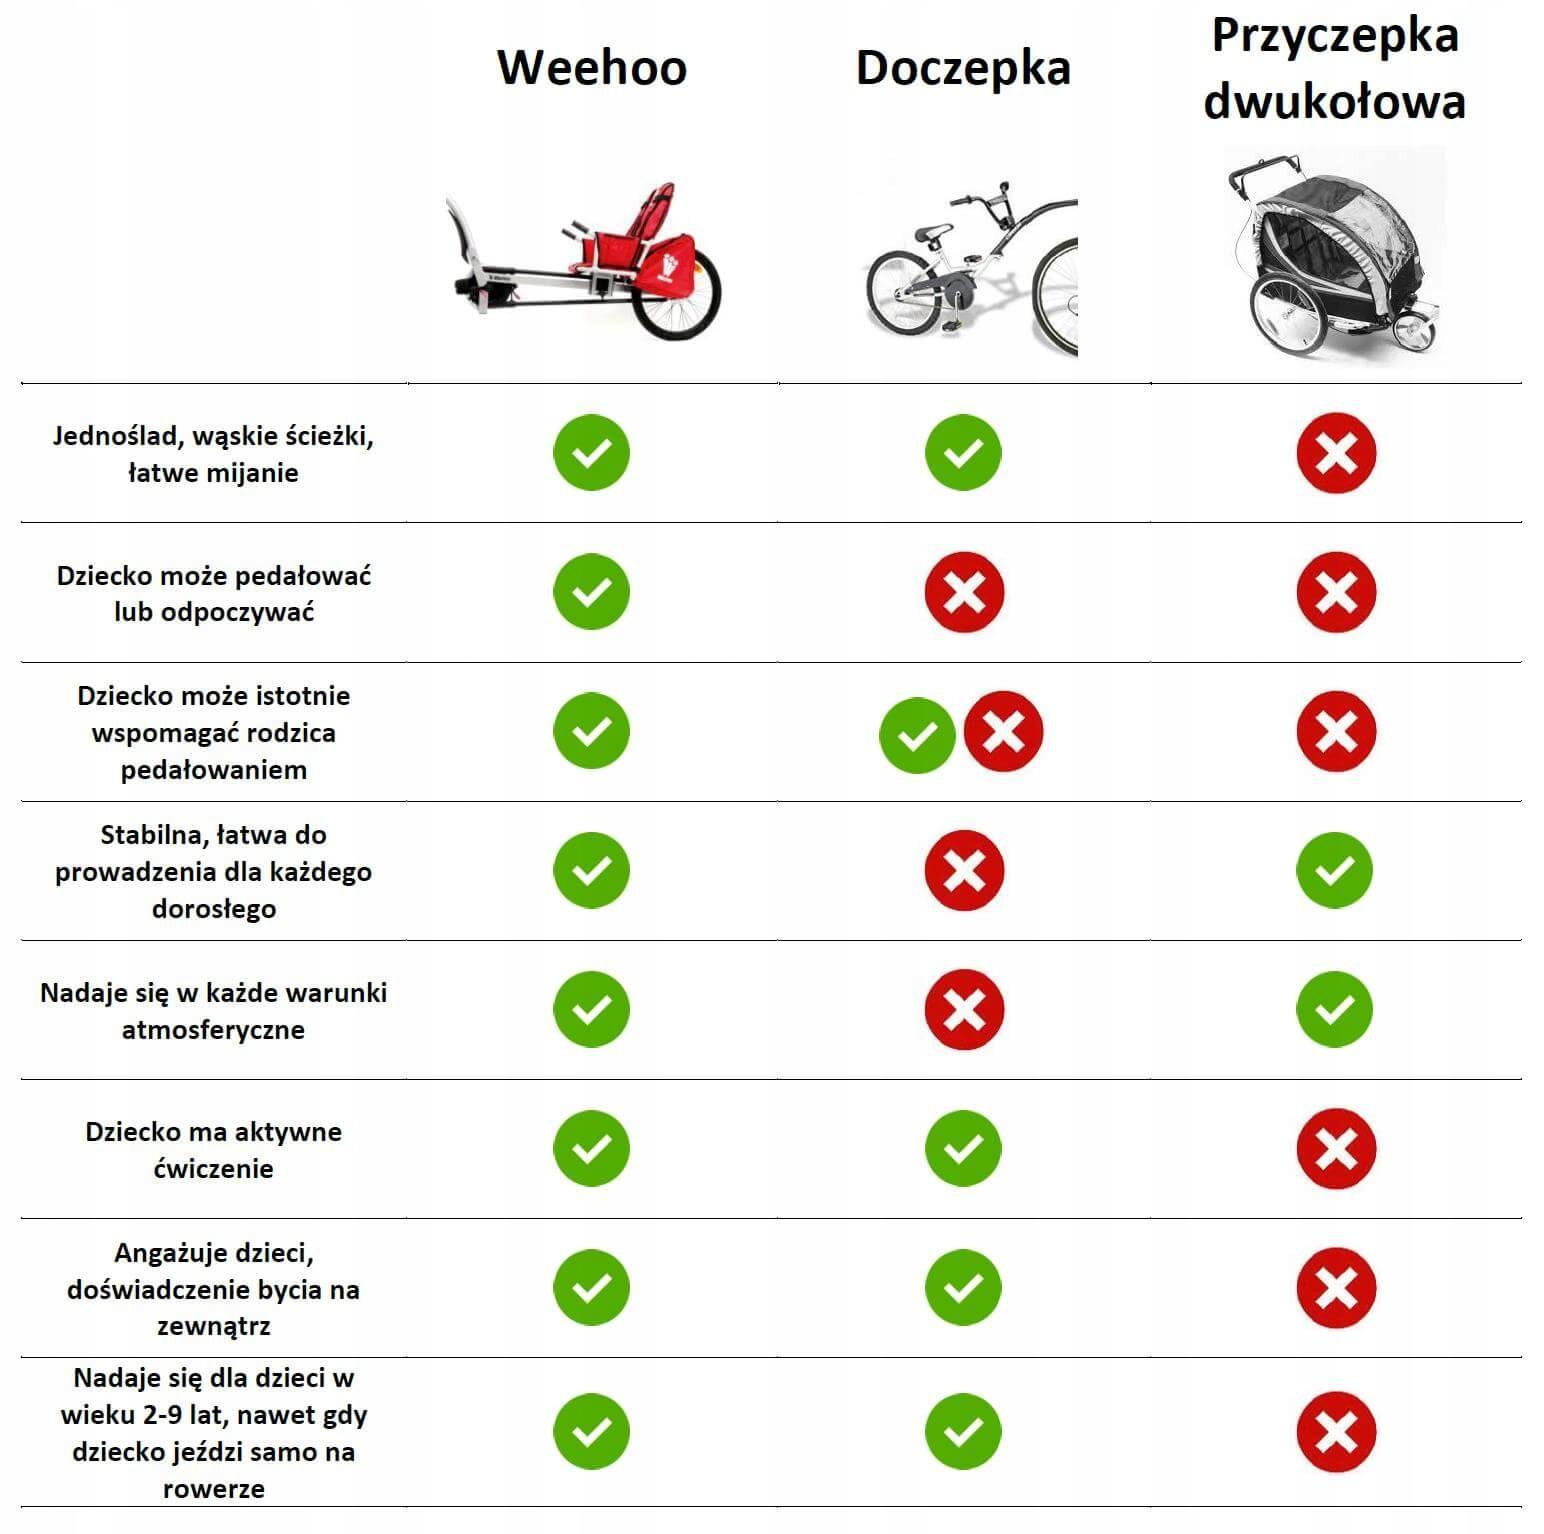 Przyczepka rowerowa dla 1 dziecka Weehoo Igo Turbo Cechy dodatkowe chorągiewka bezpieczeństwa folia przeciwdeszczowa odblaski osłony przeciwsłoneczne pompowane koła przestrzeń bagażowa składana konstrukcja przyczepki torba zaczep do roweru